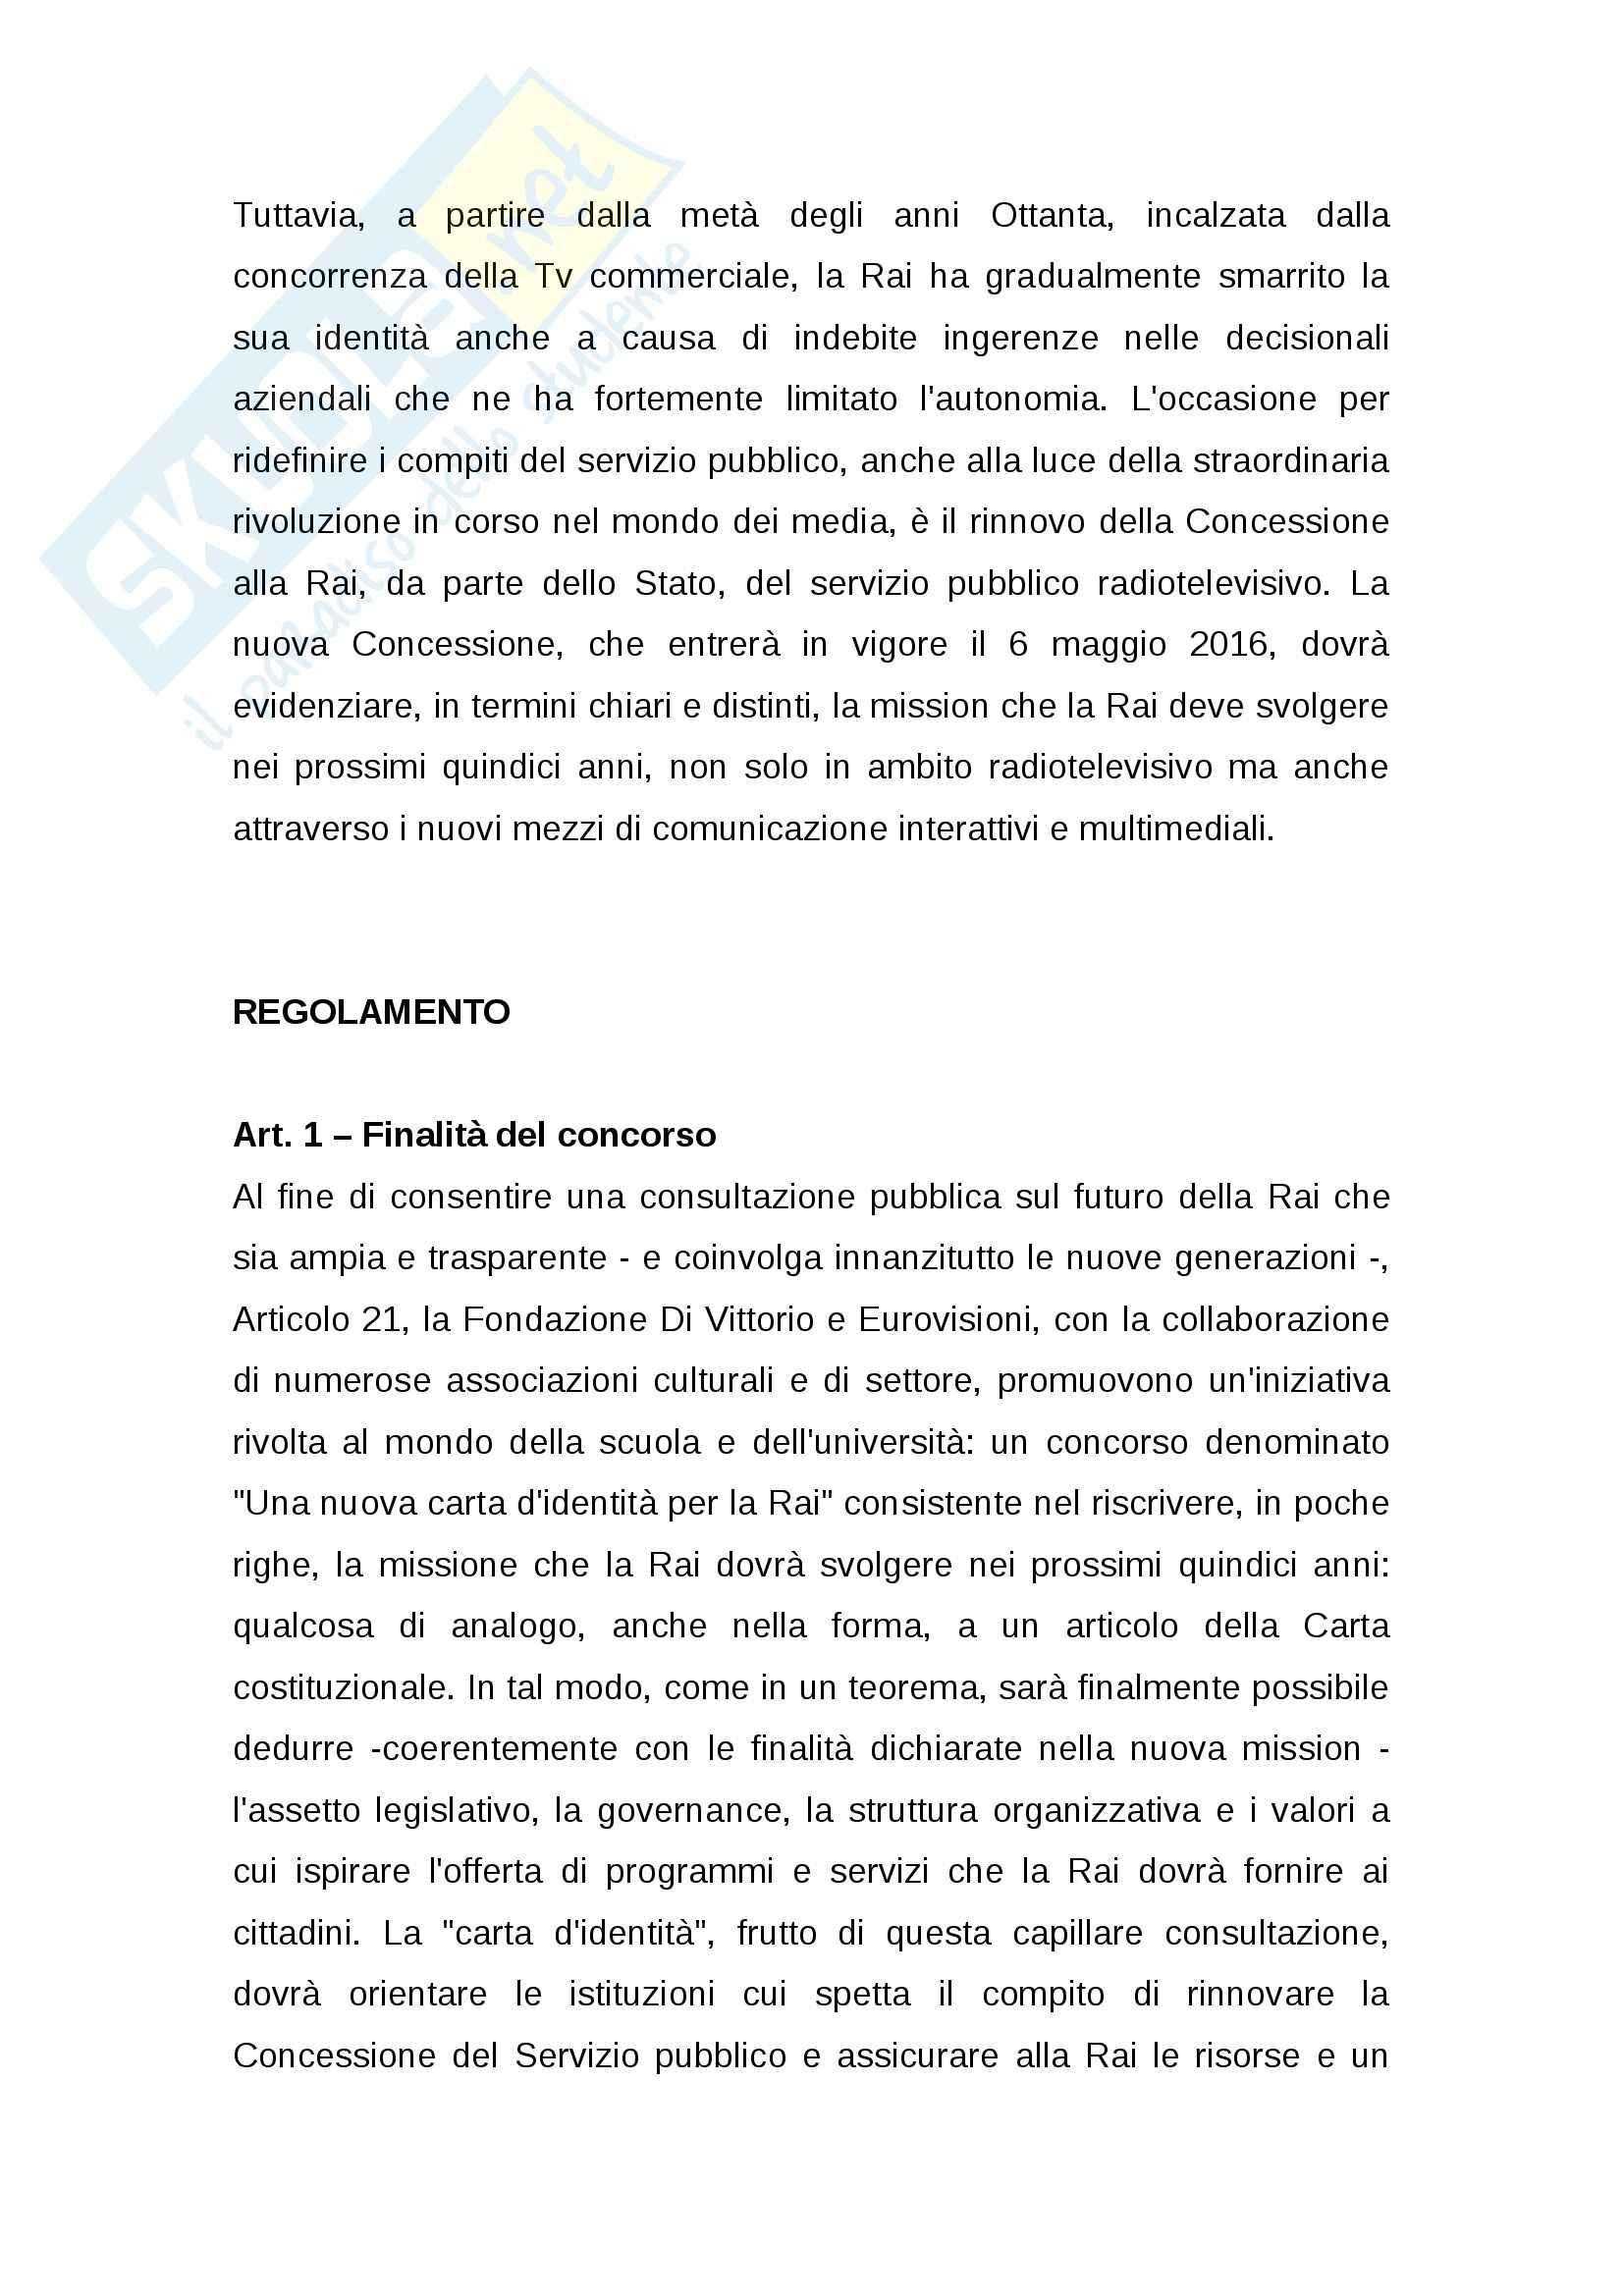 Tesi: Rinnovo della concessione pubblica Stato-RAI: regole e dibattito Pag. 71